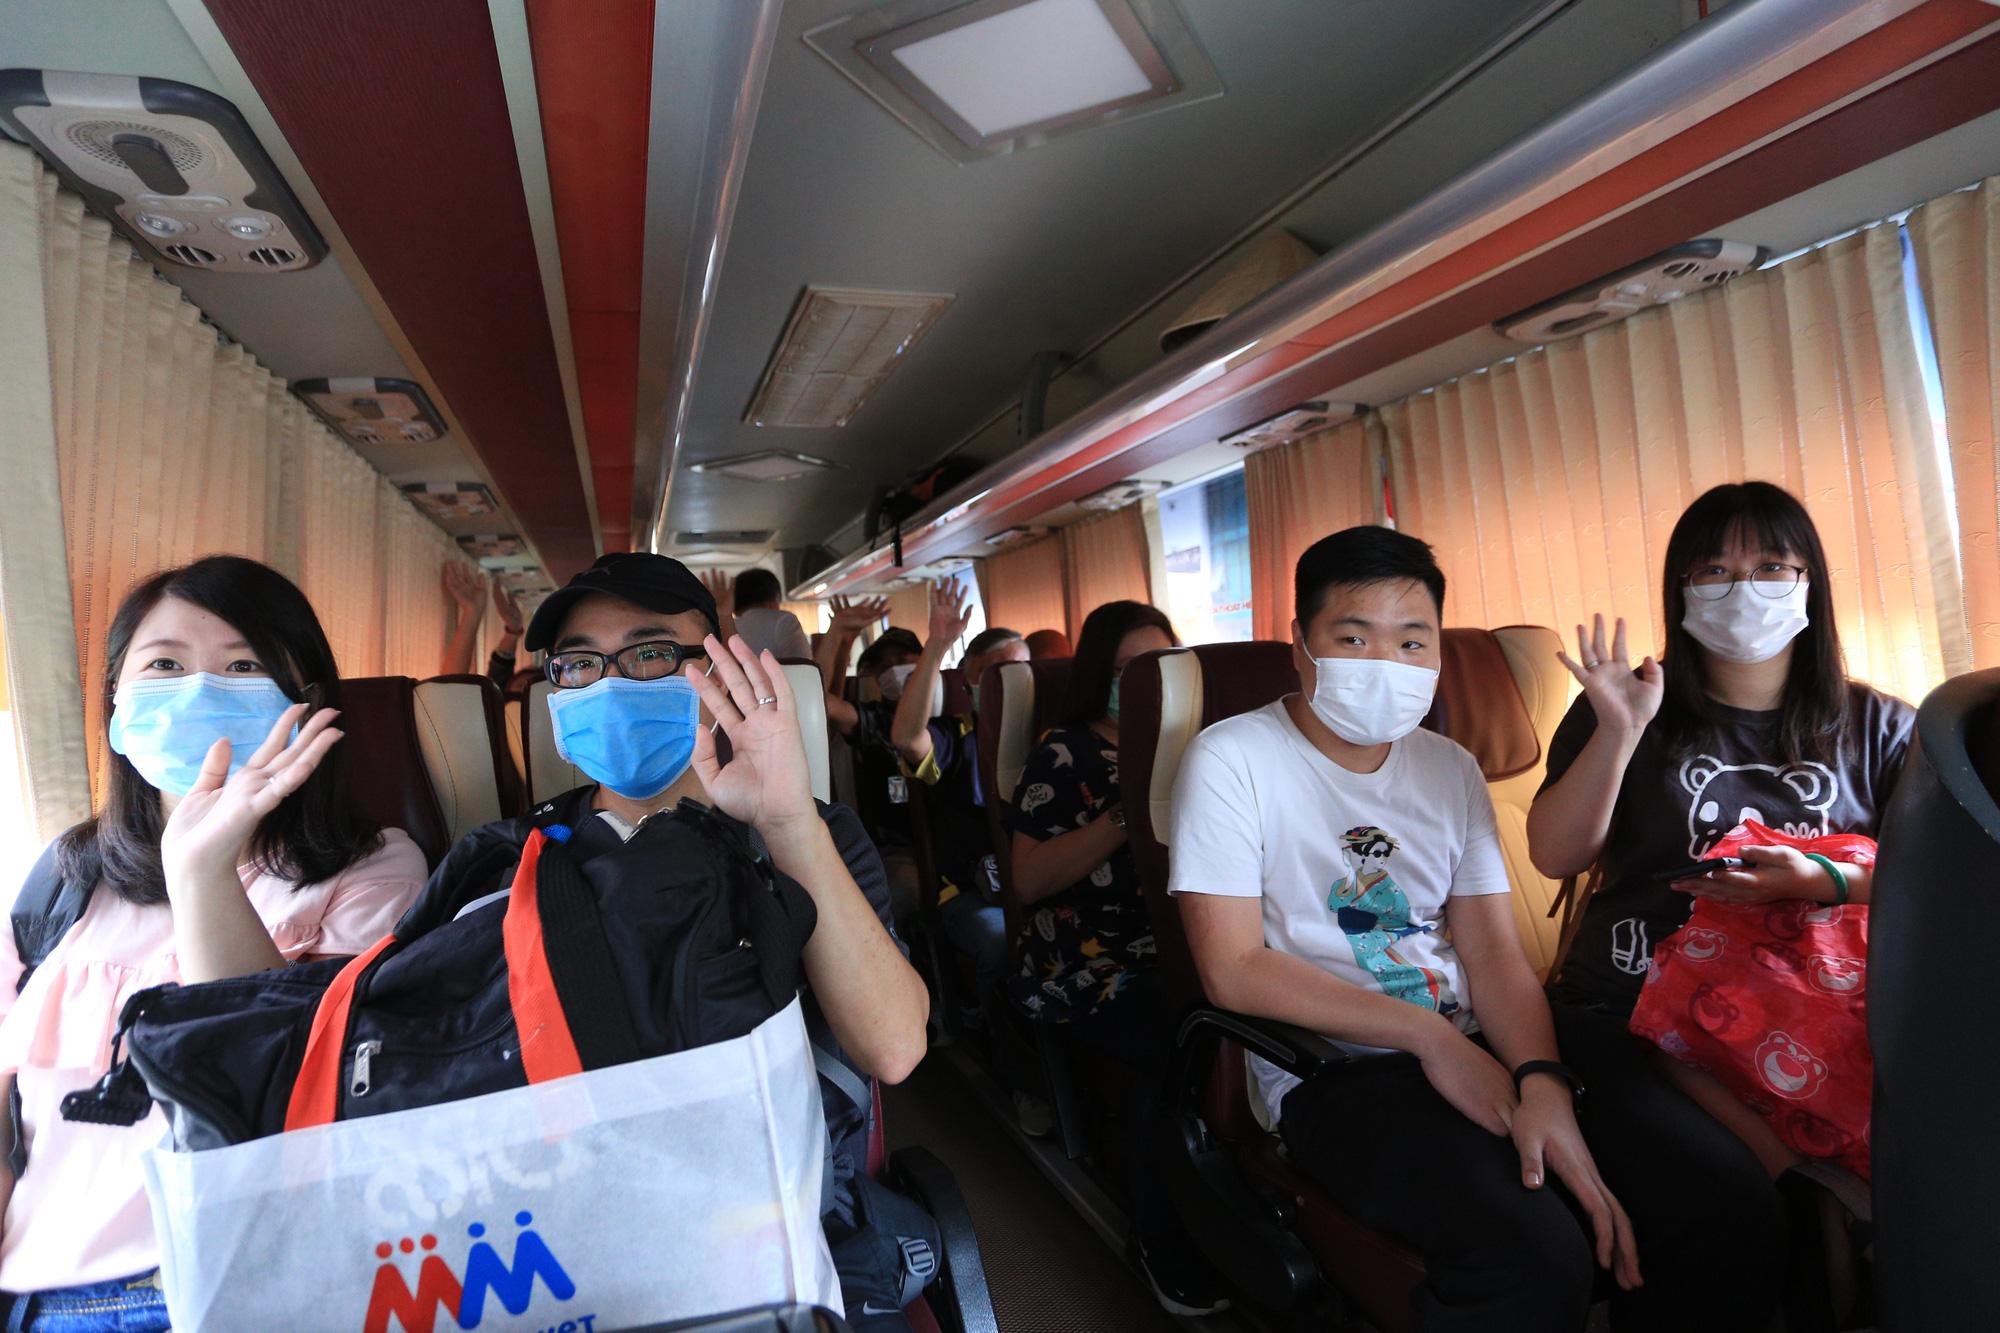 Du khách nước ngoài vui mừng rời khu cách ly ở Đà Nẵng: Cảm ơn các bạn và chúng tôi sẽ quay lại vào một ngày thuận lợi hơn - Ảnh 10.